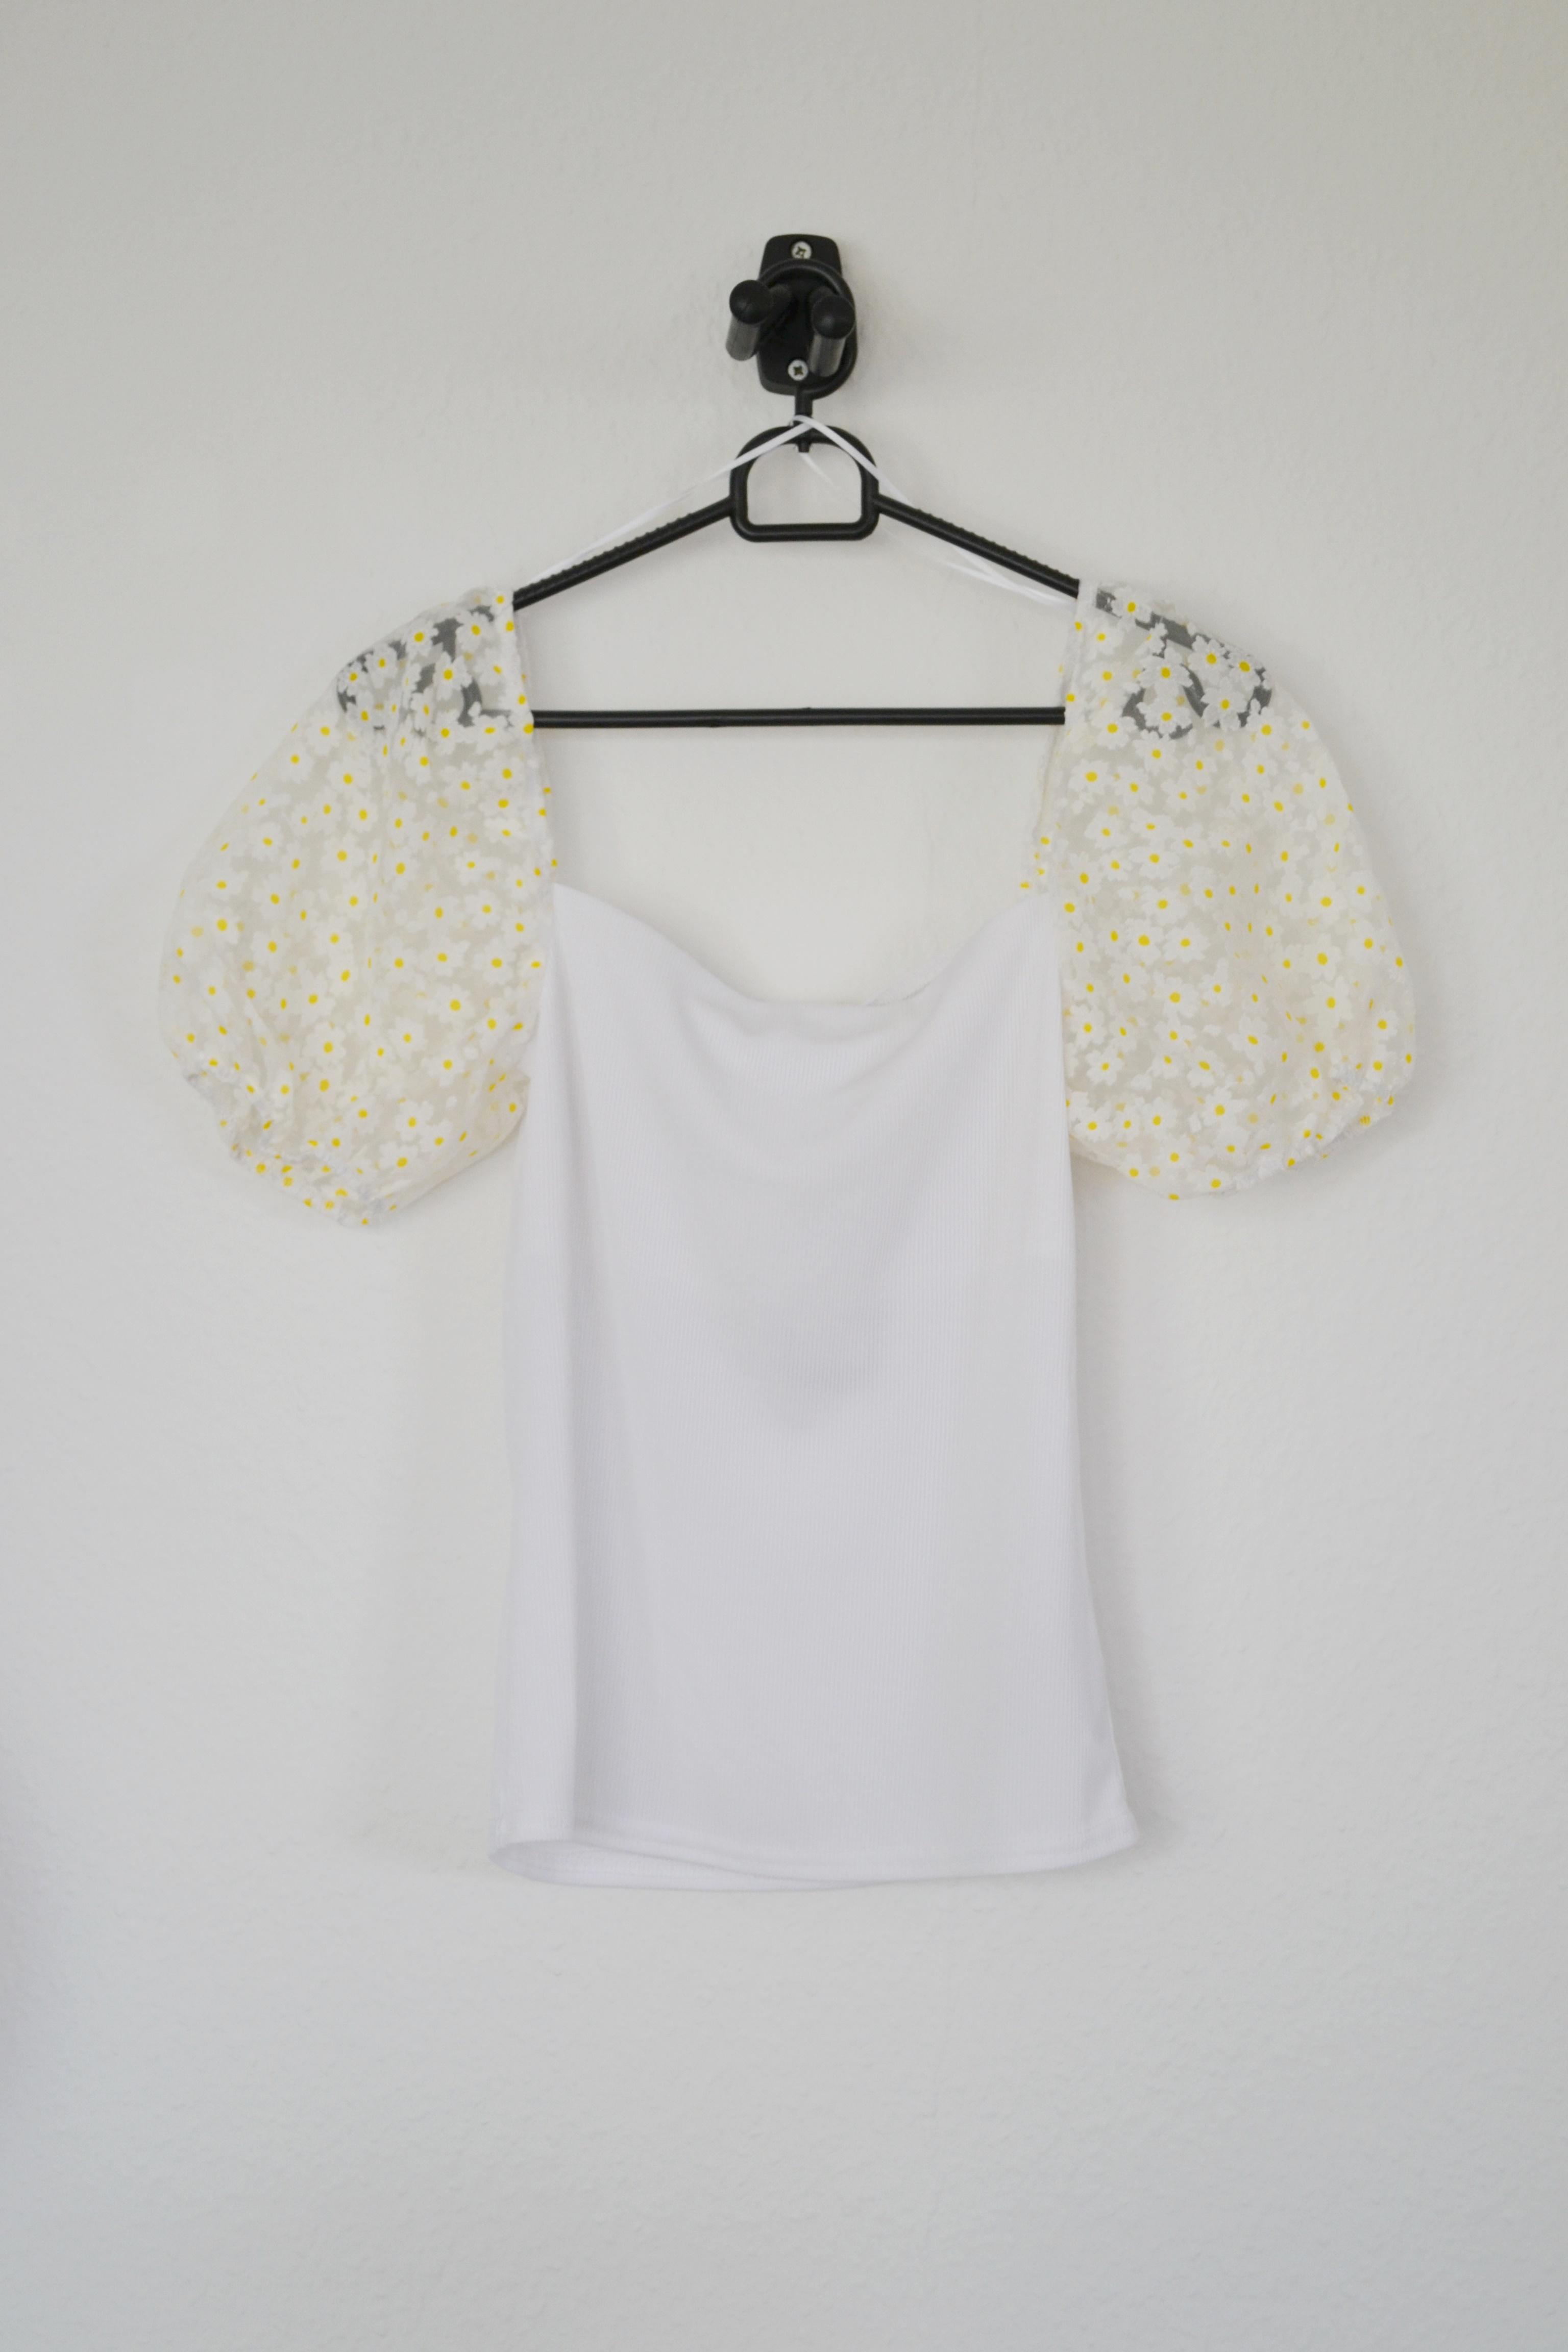 Hvid top m. blomstrede organzaærmer - New Look